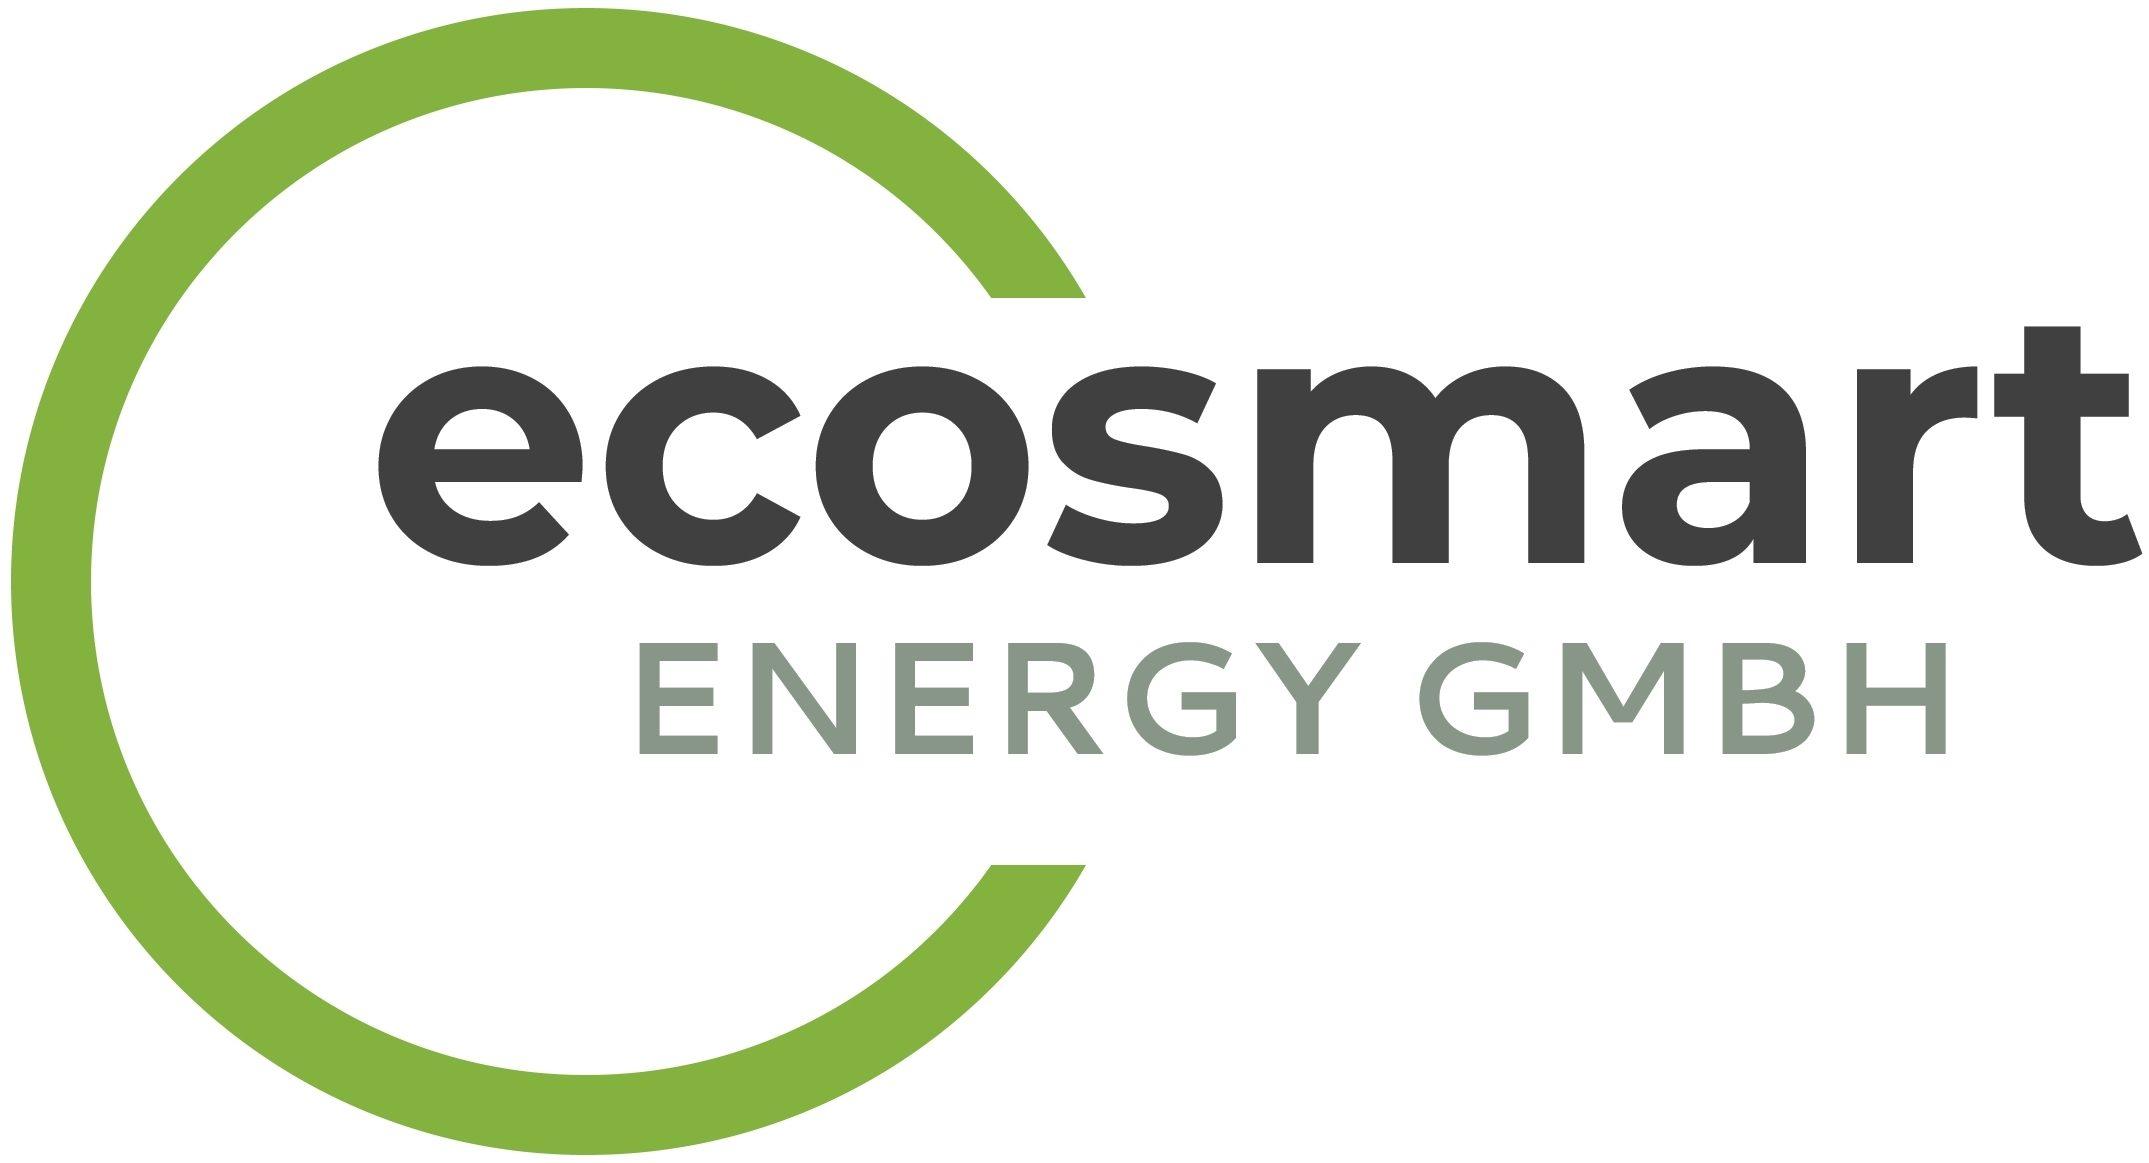 ecosmart ENERGY GmbH